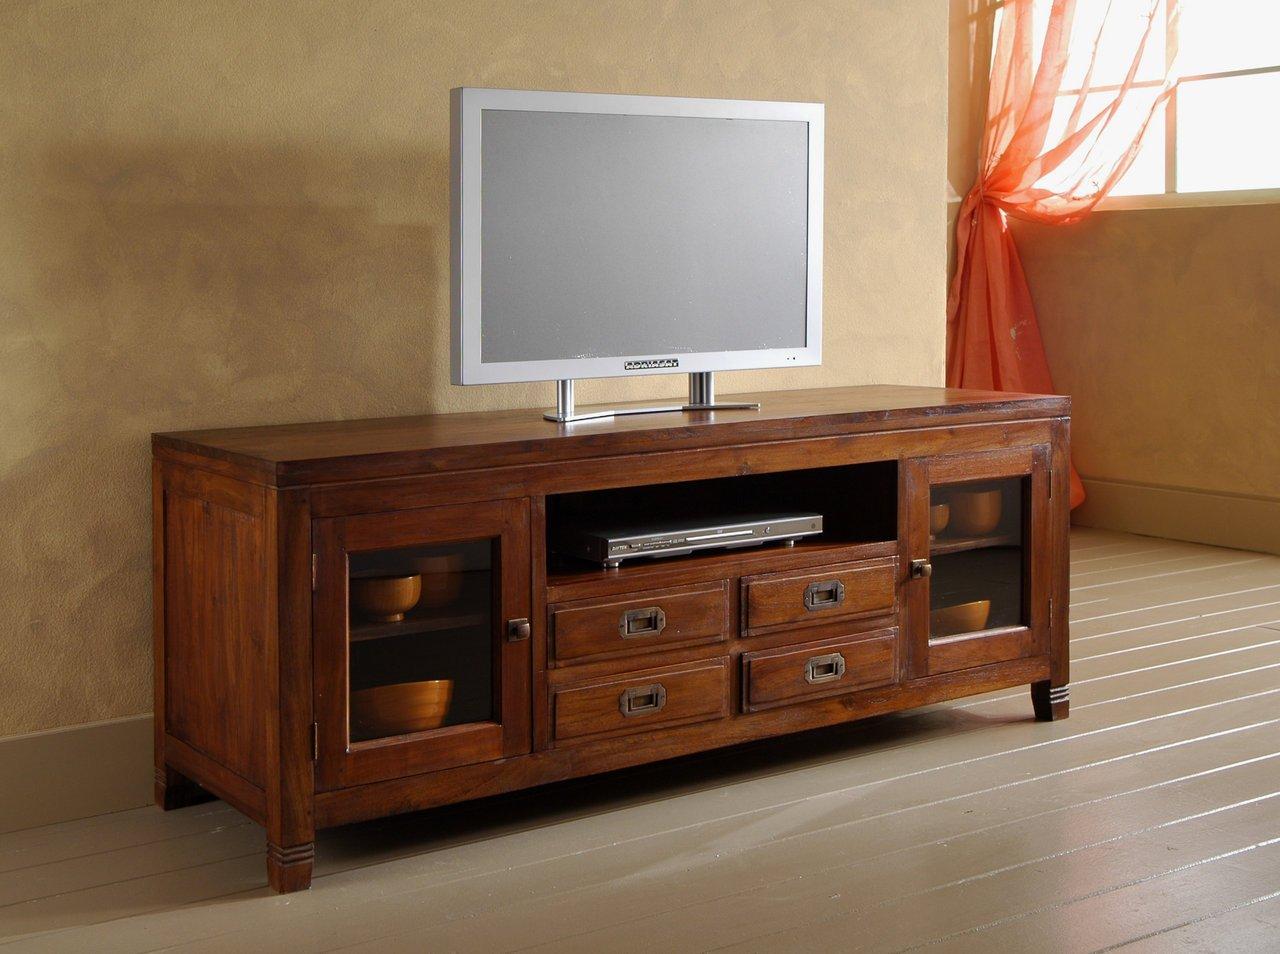 Mobile Porta-Tv stile etnico moderno in legno massello di Teak ...